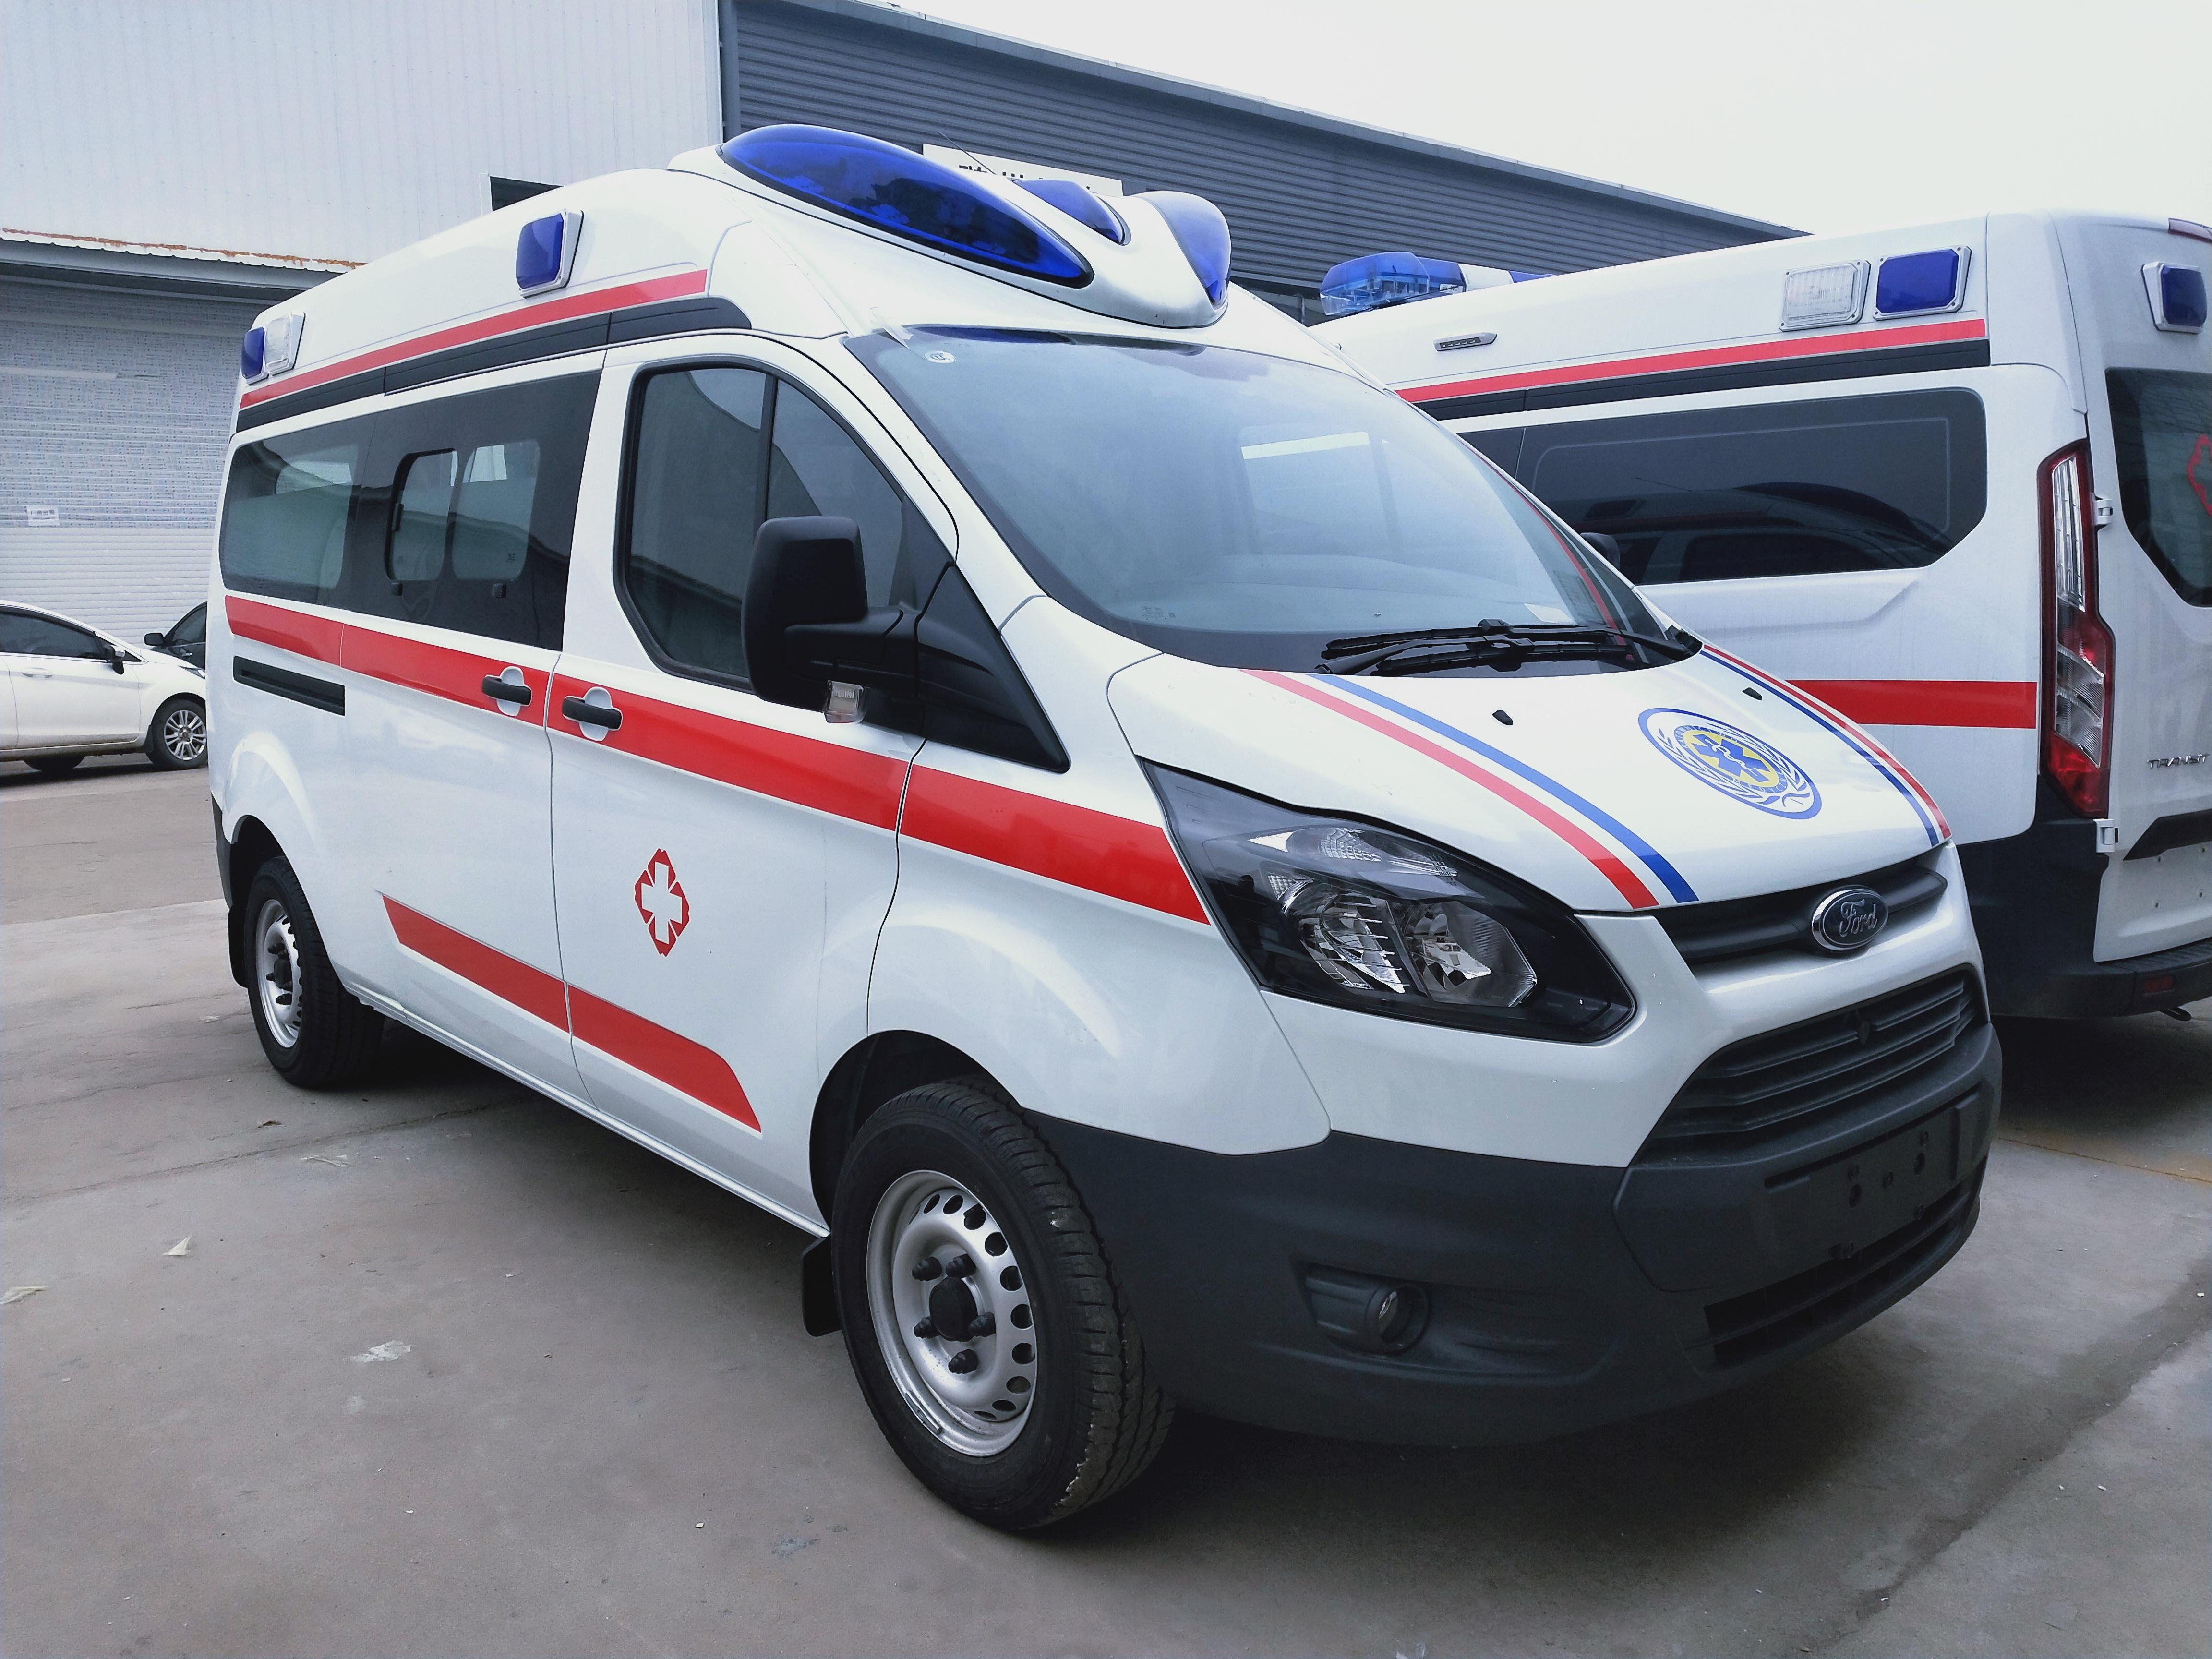 福特救护车厂家负压型V362外型和驾驶室图片图片